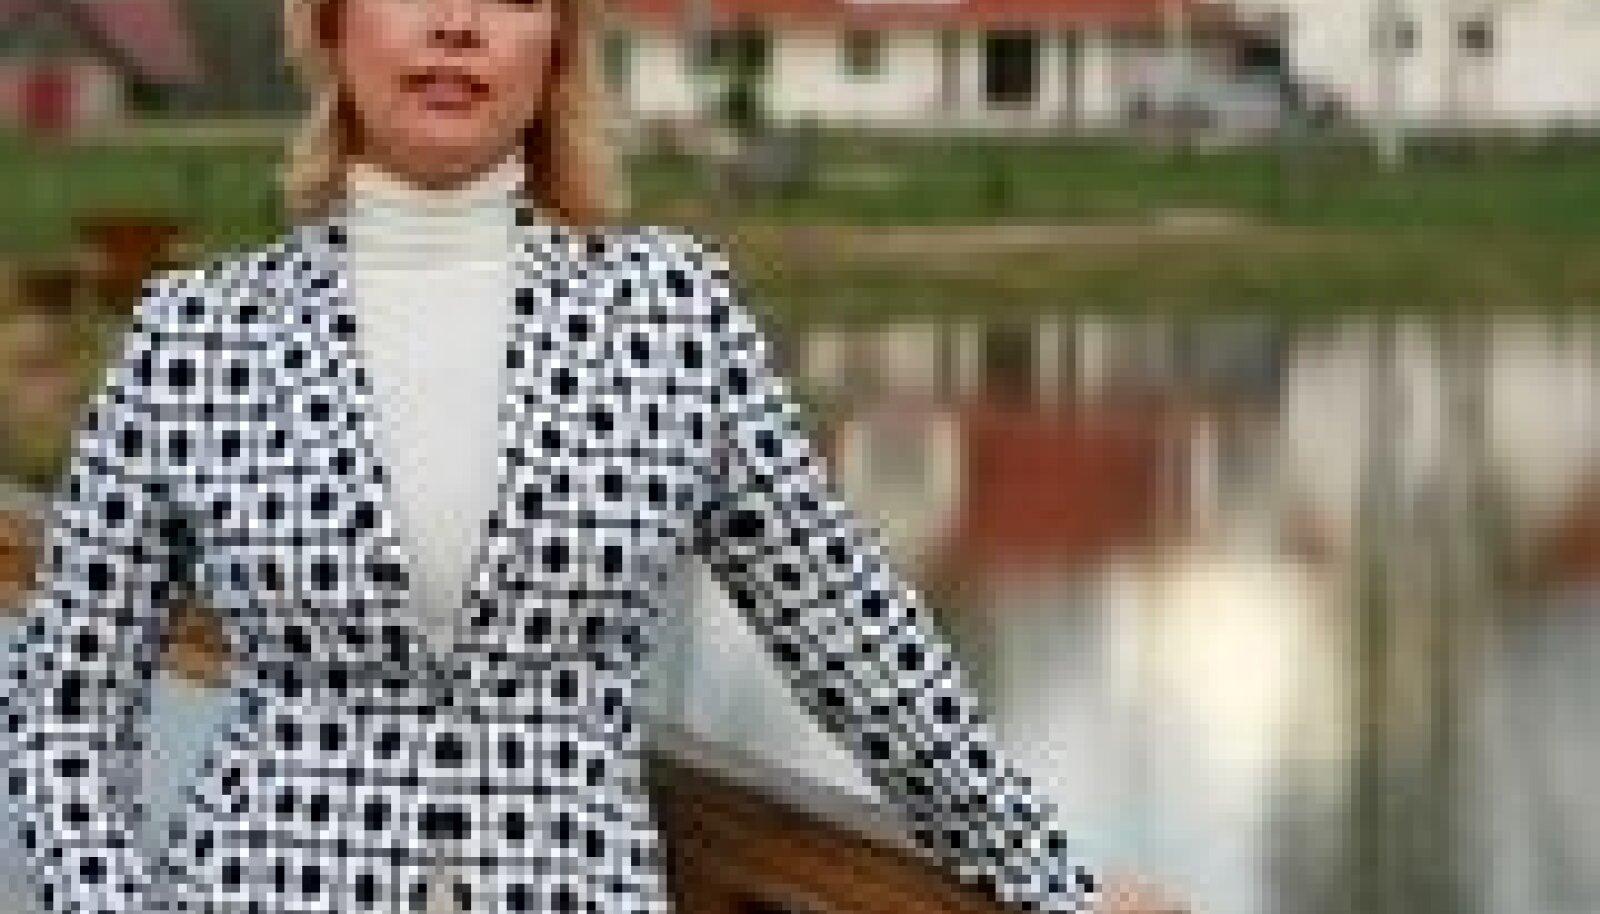 Ärma talu uhkus ja hiilgus: Evelin Ilves poseerimas oma valdustes 2007. aastal. (StanislaV Moshkov / Bravo! / Scanpix)